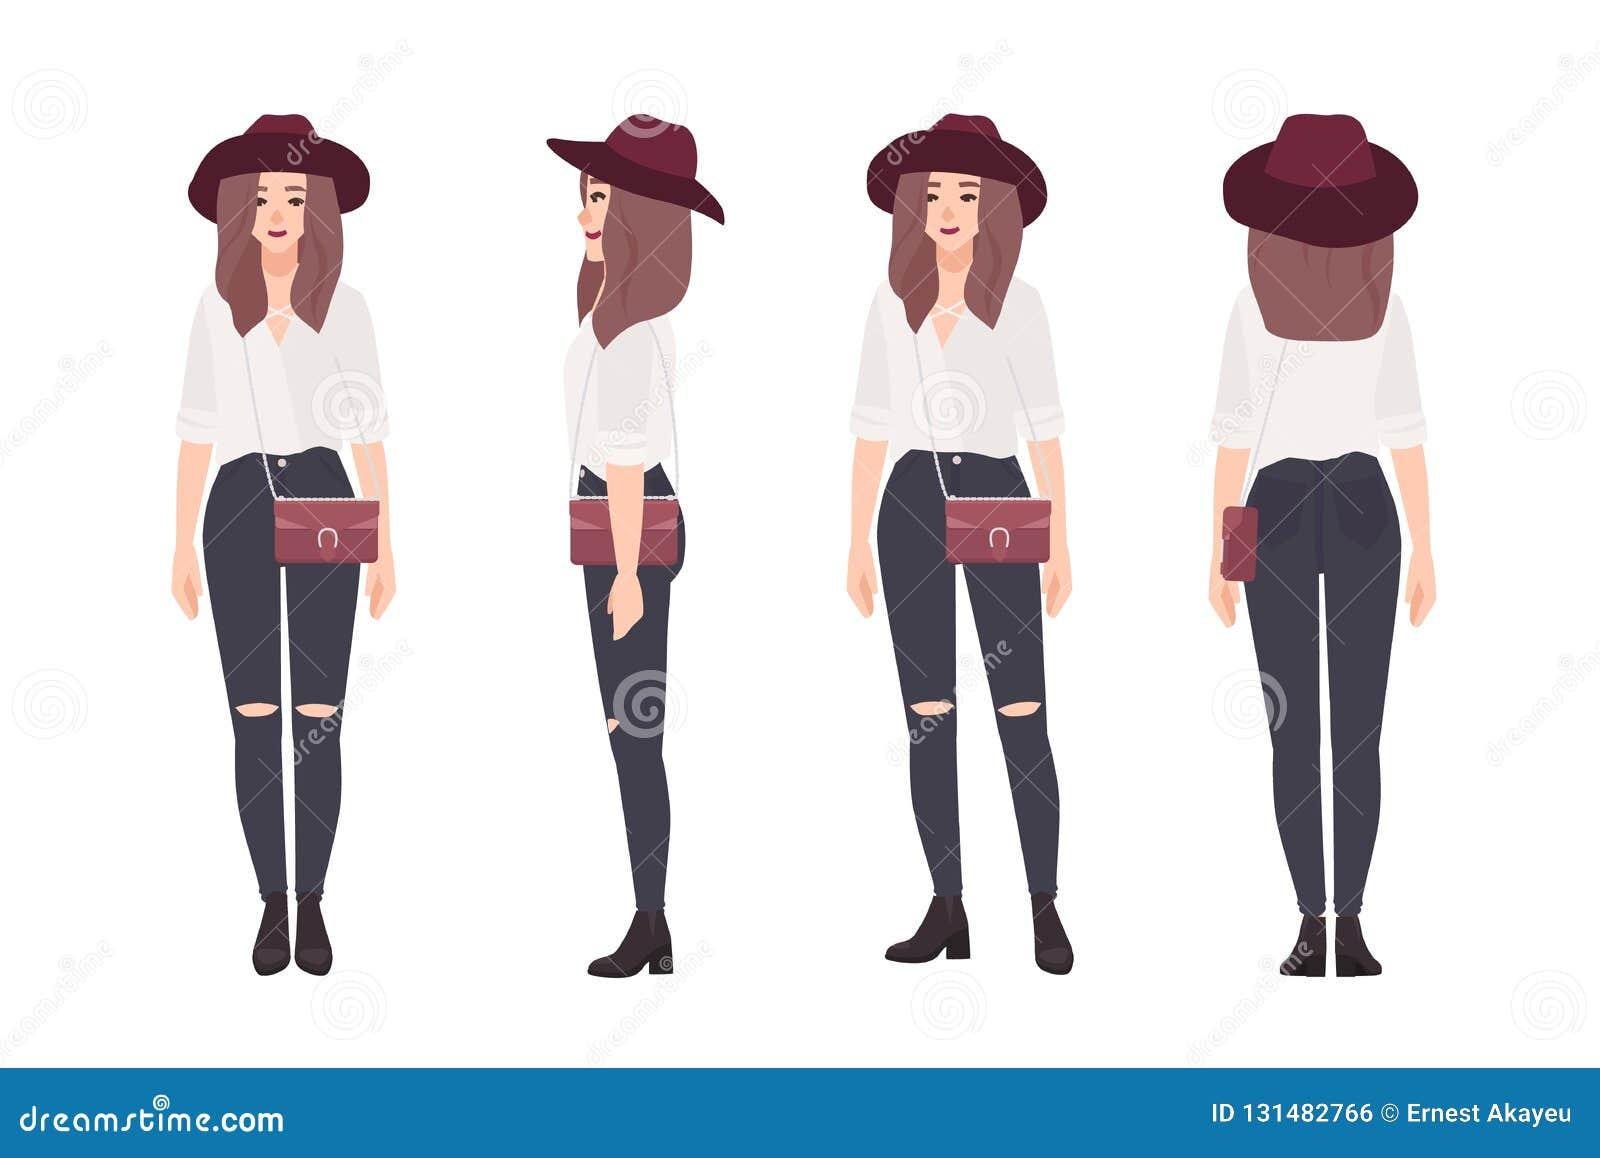 2a22adaef Mujer joven vestida en ropa de moda Muchacha sonriente elegante Personaje  de dibujos animados femenino aislado